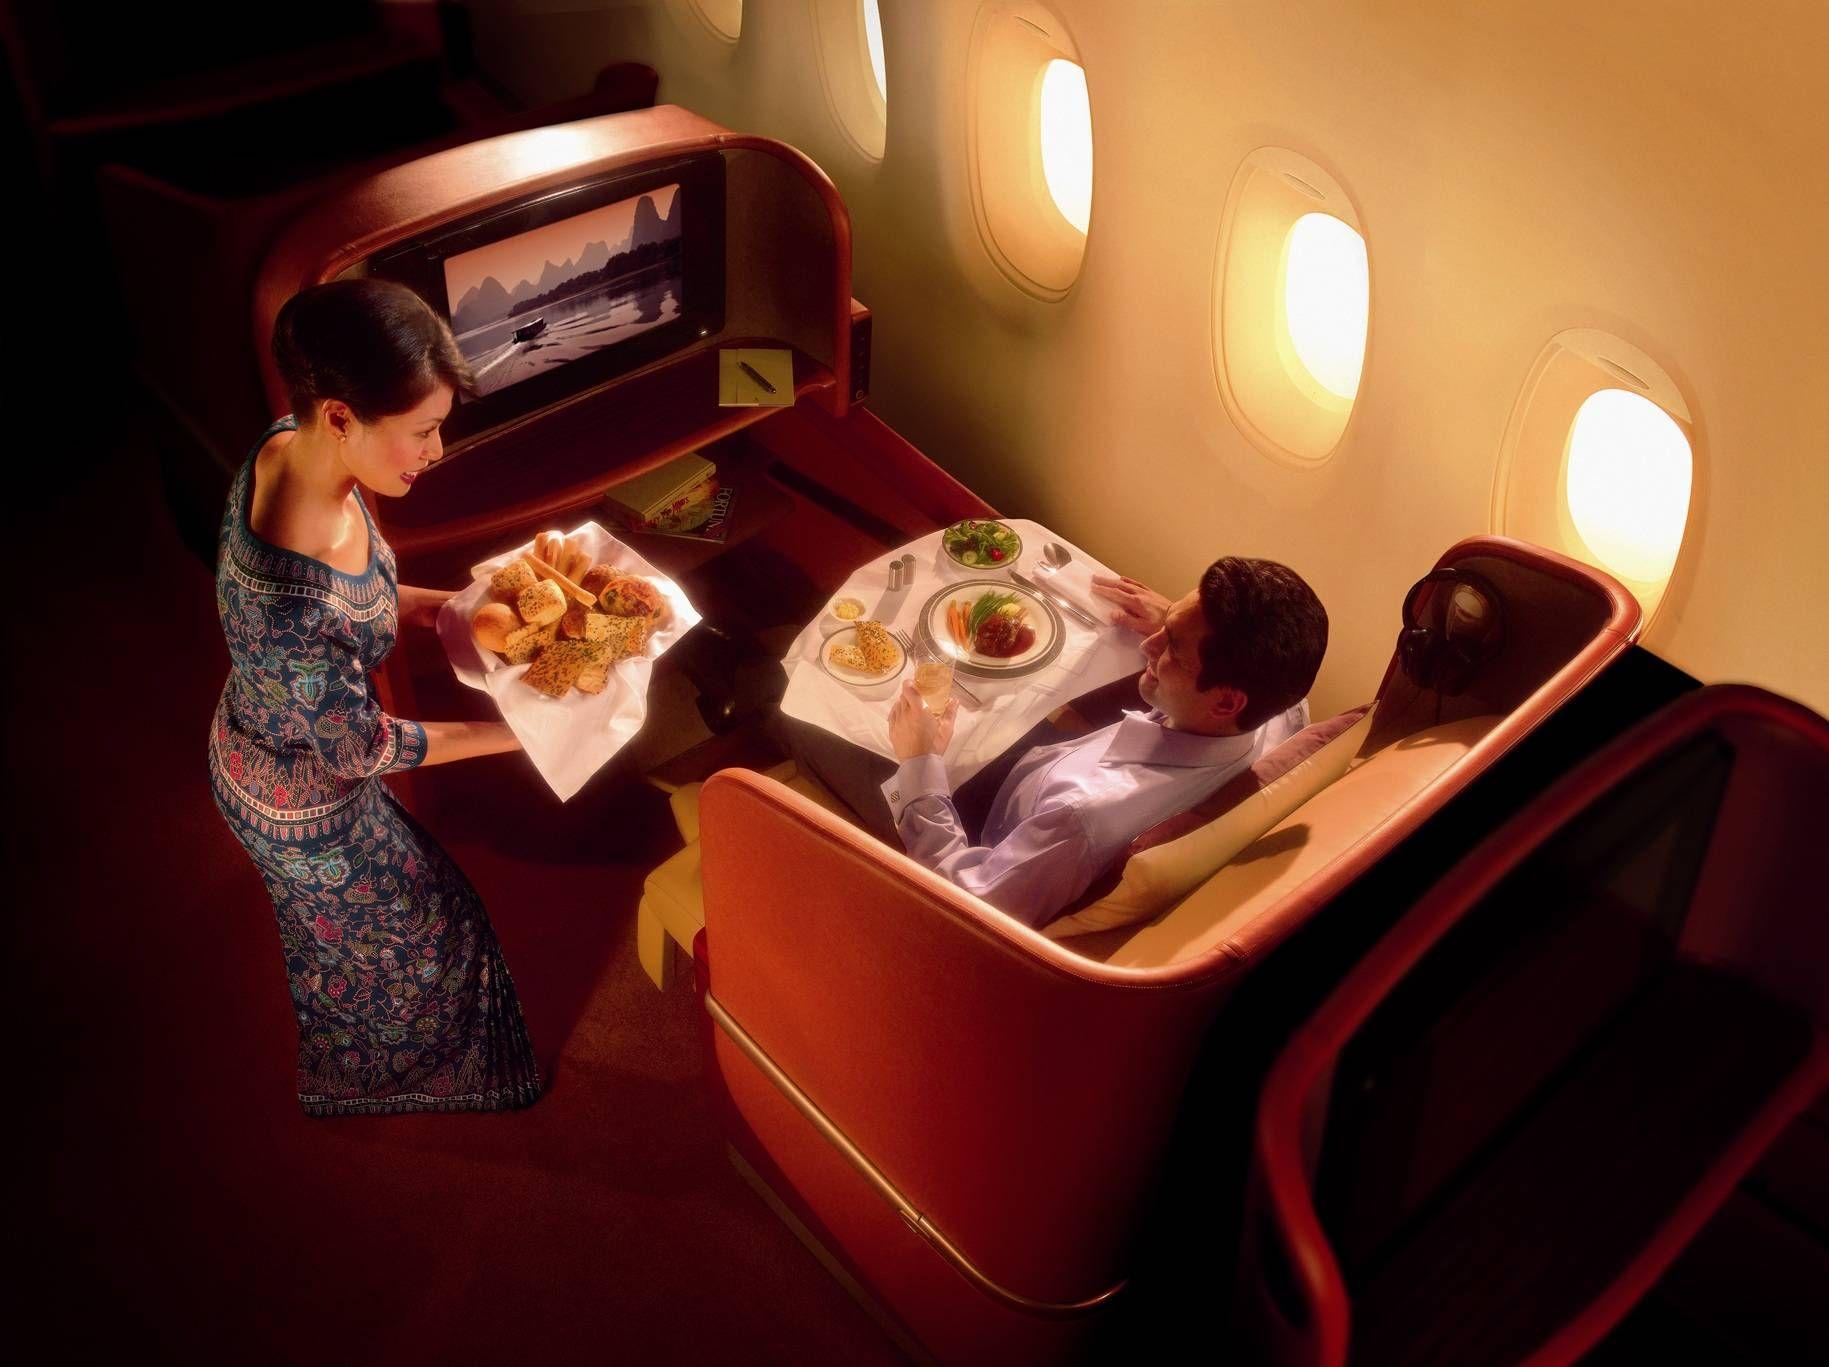 Singapore Airlines anuncia melhorias para emissão de assentos com milhas / pontos